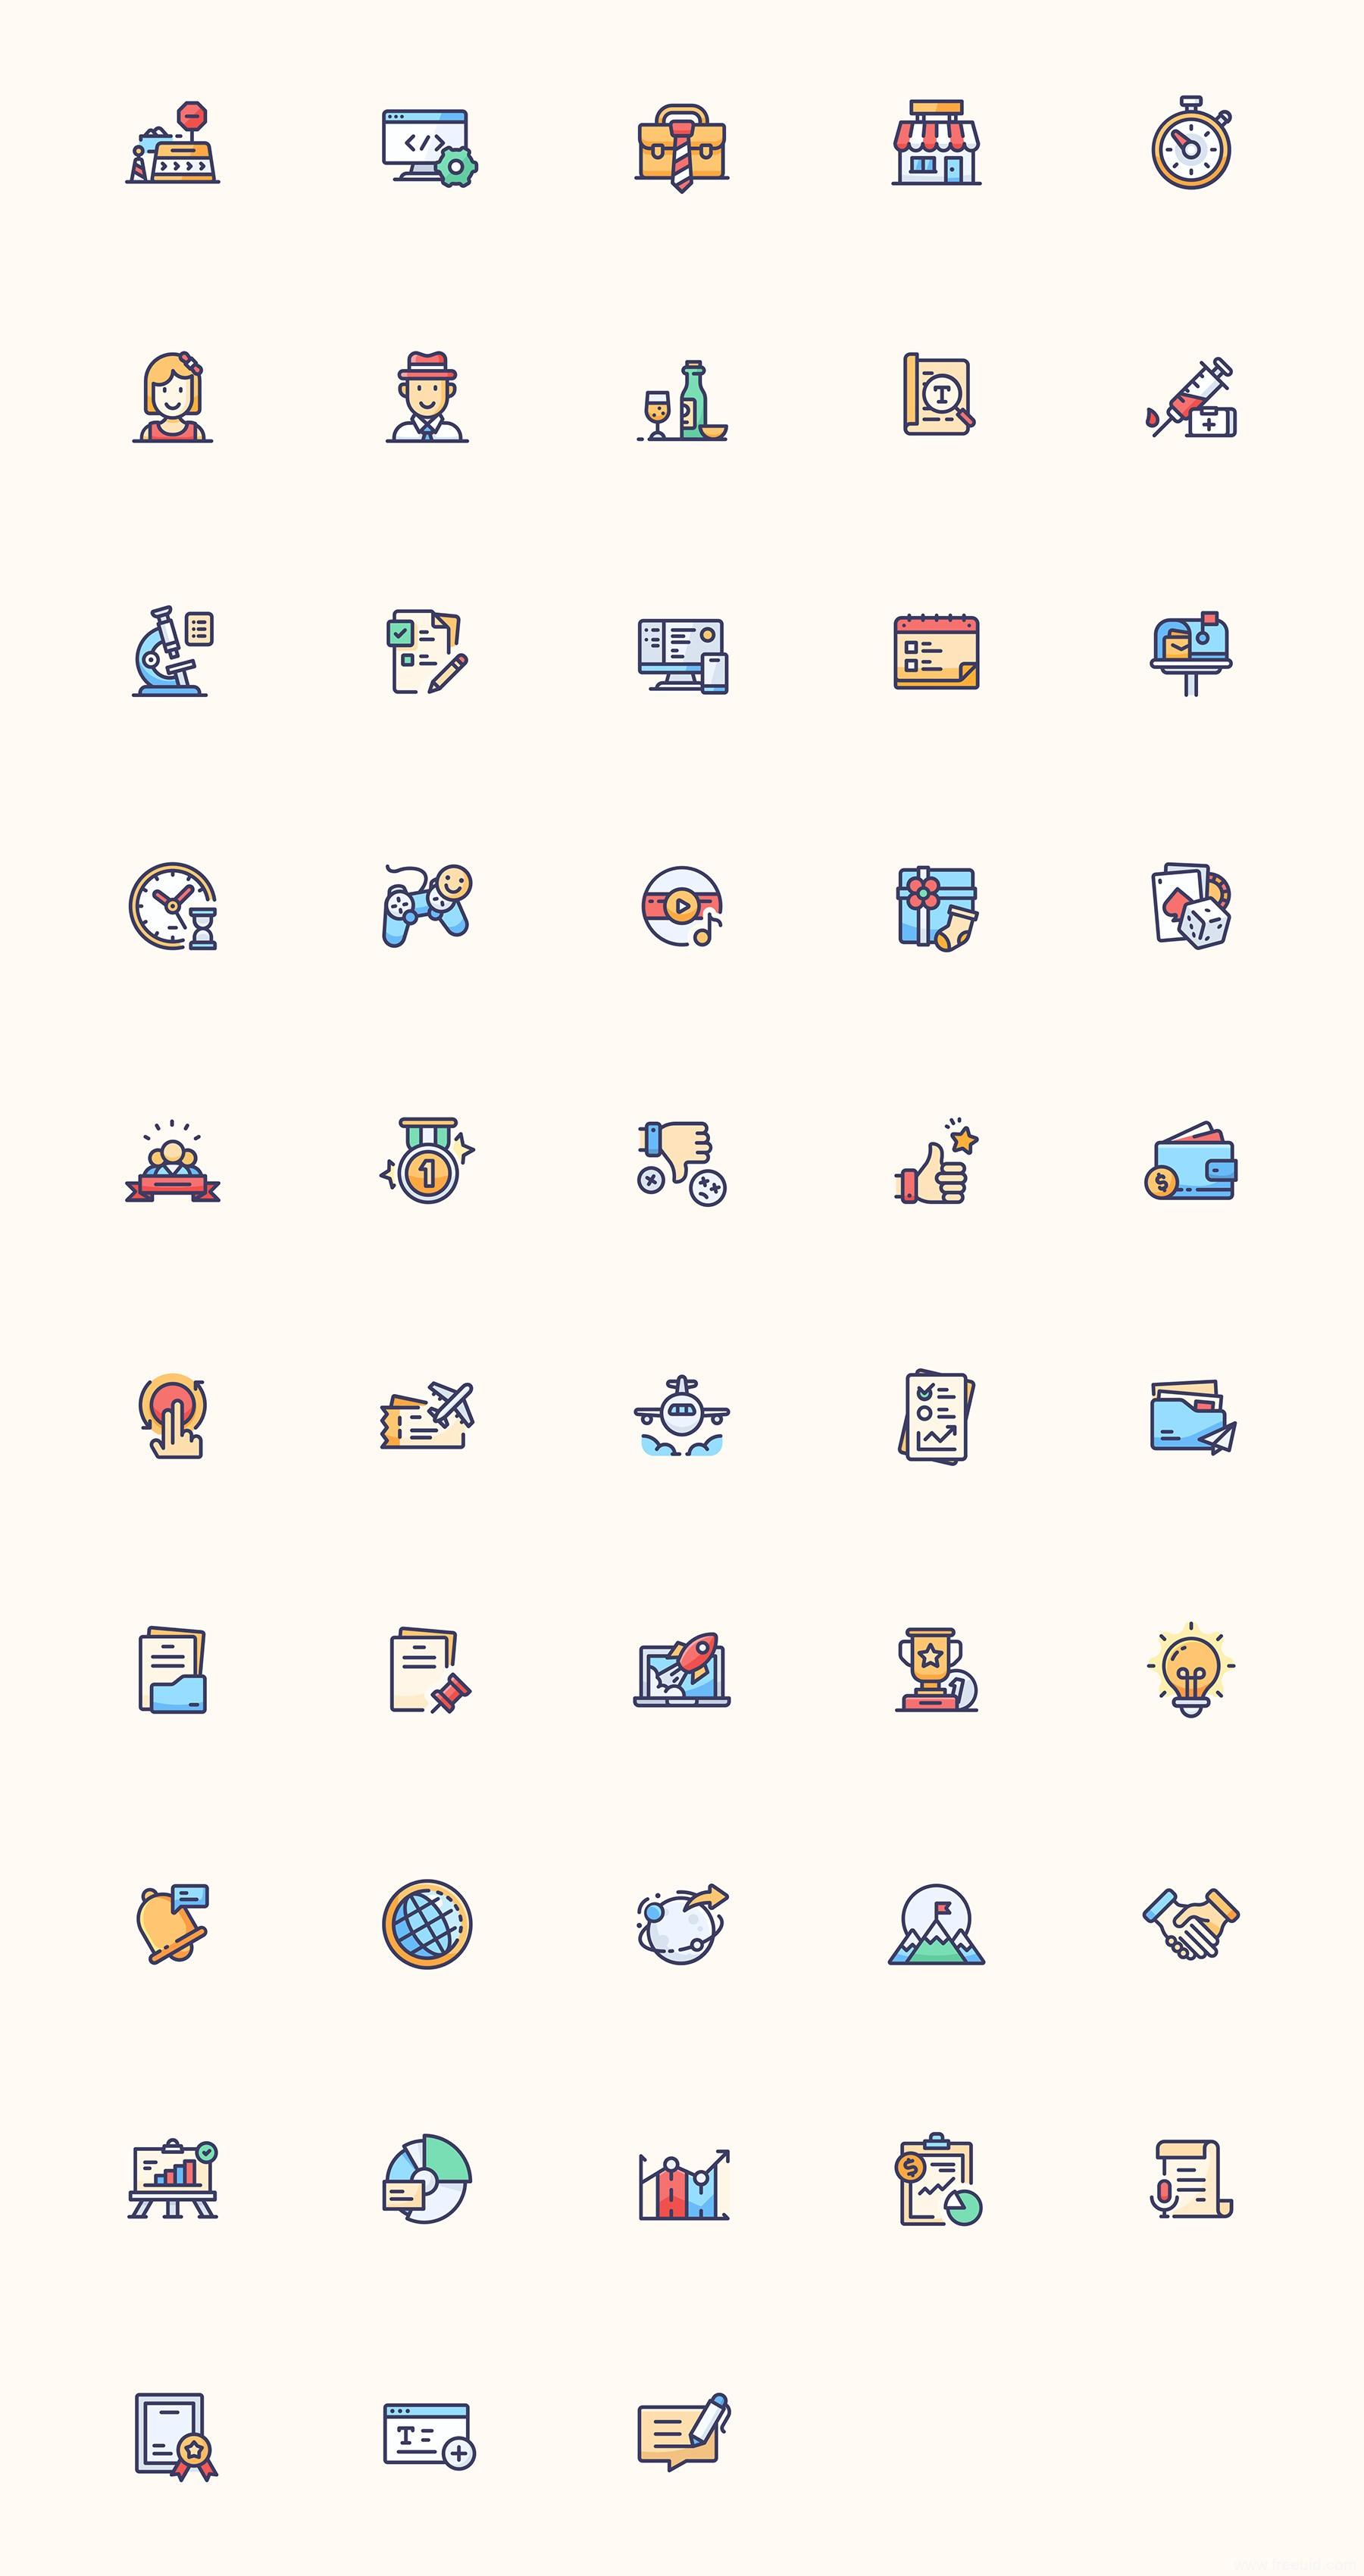 48 彩色商业元素图标、彩色图标、sketch源文件下载